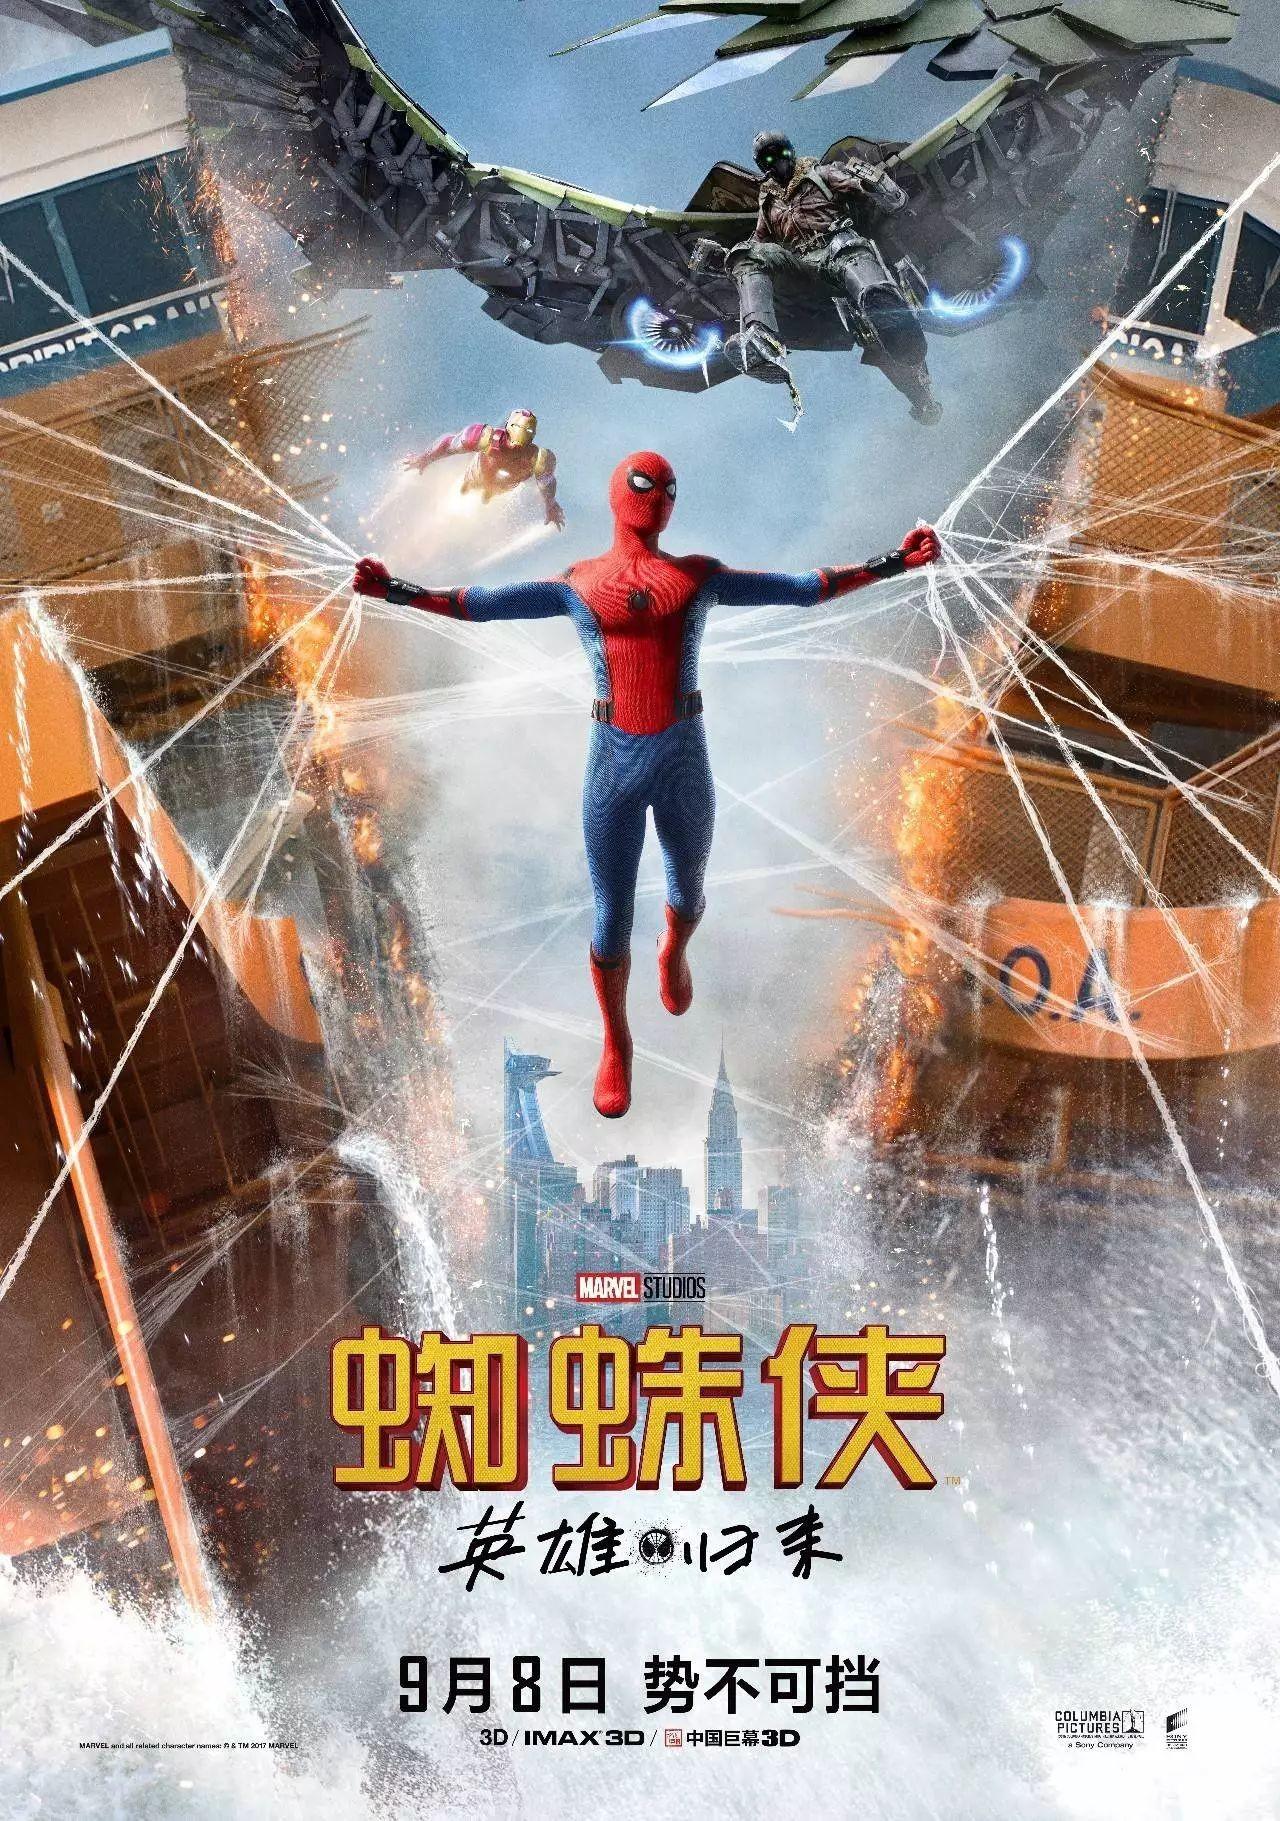 《蜘蛛侠:英雄归来》首周票房破4亿